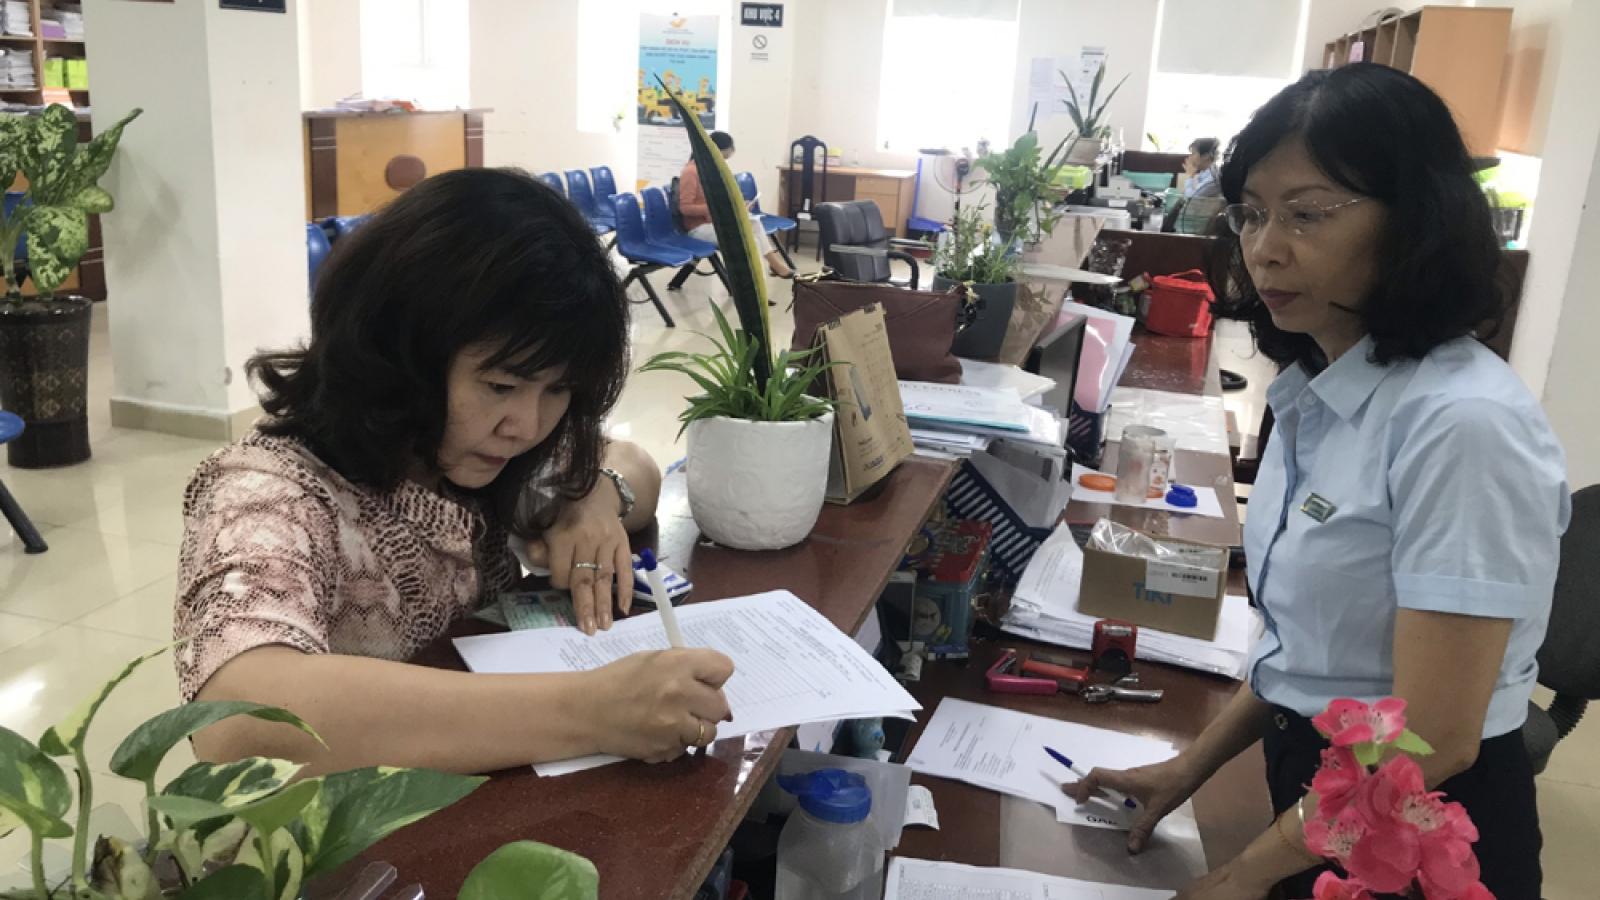 32 đơn vị nợ bảo hiểm xã hội ở TPHCM bị điều tra